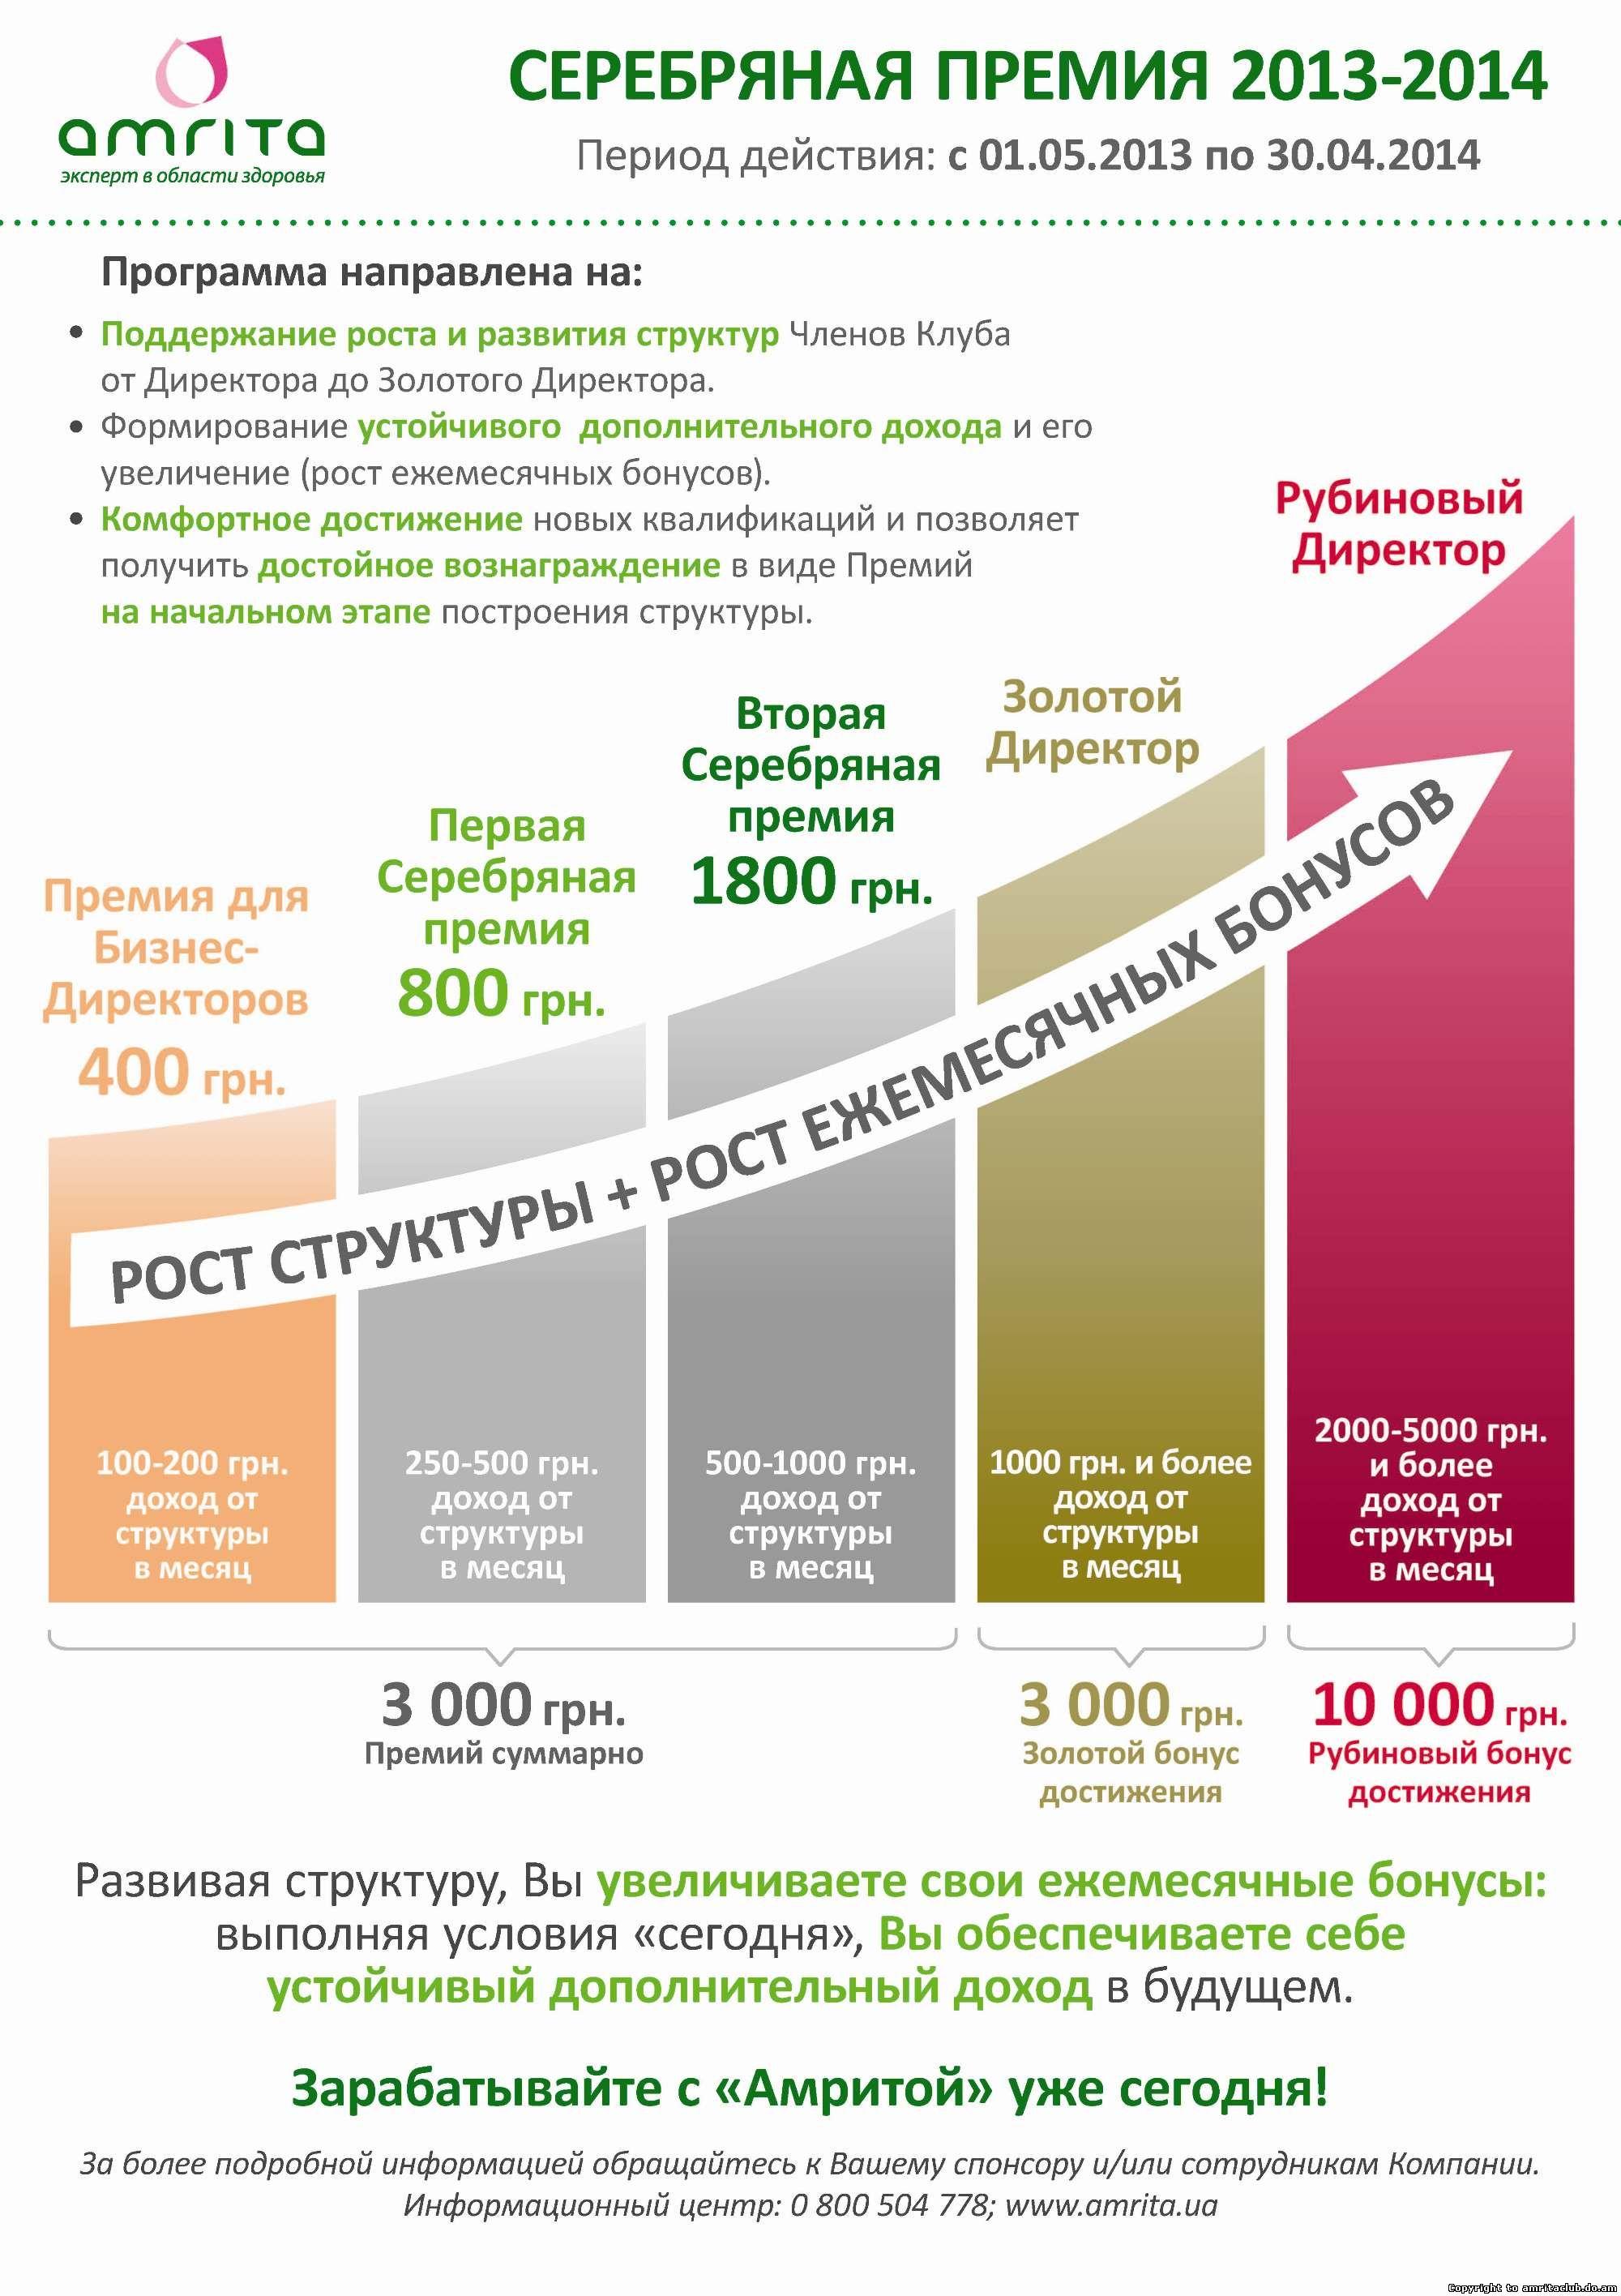 Старт Програми «Срібна премія 2013-2014»!